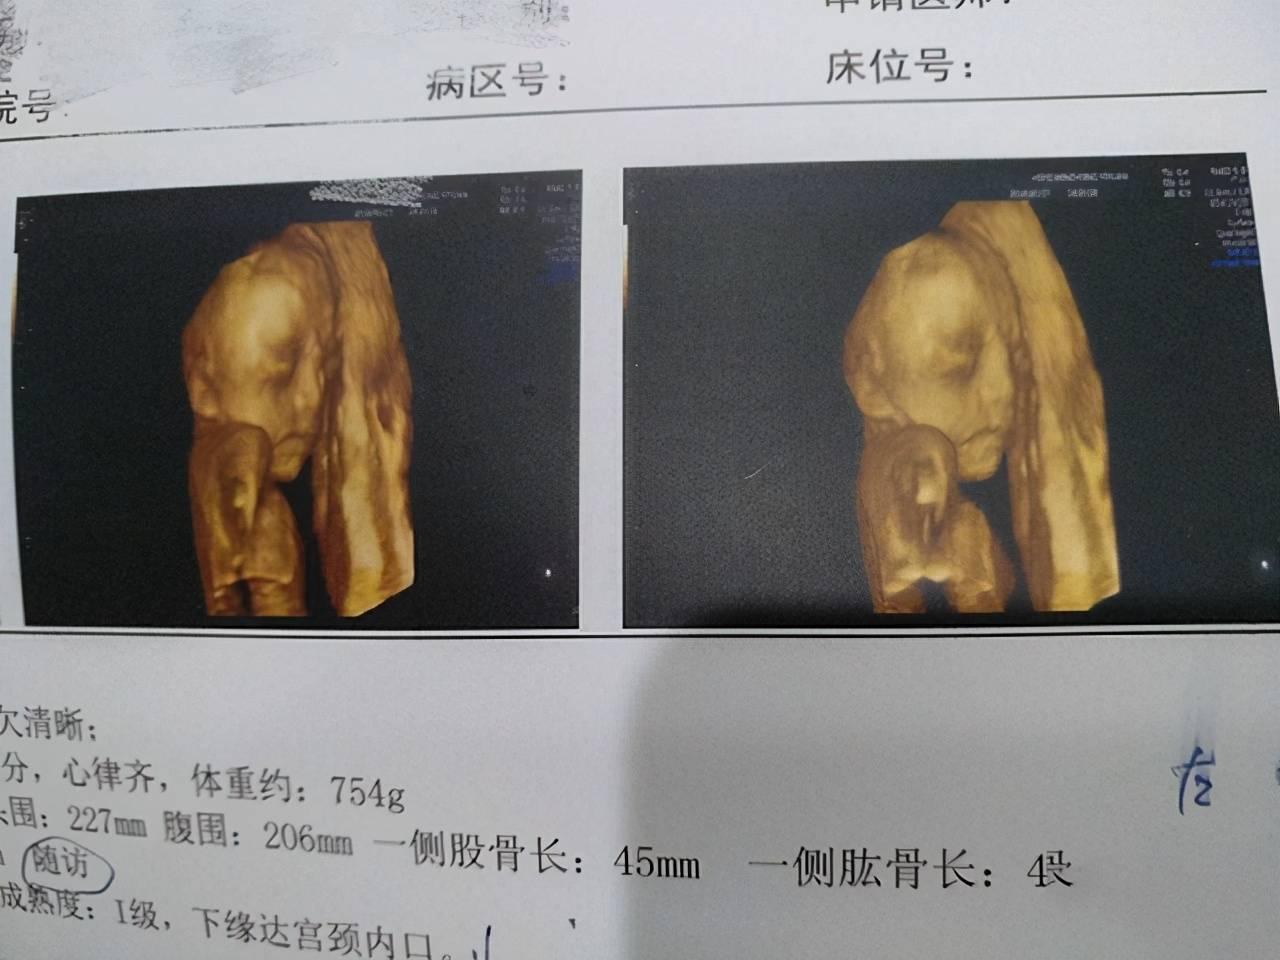 被宝宝的四维彩超照丑哭了?不是医生技术不好,而是有客观原因的